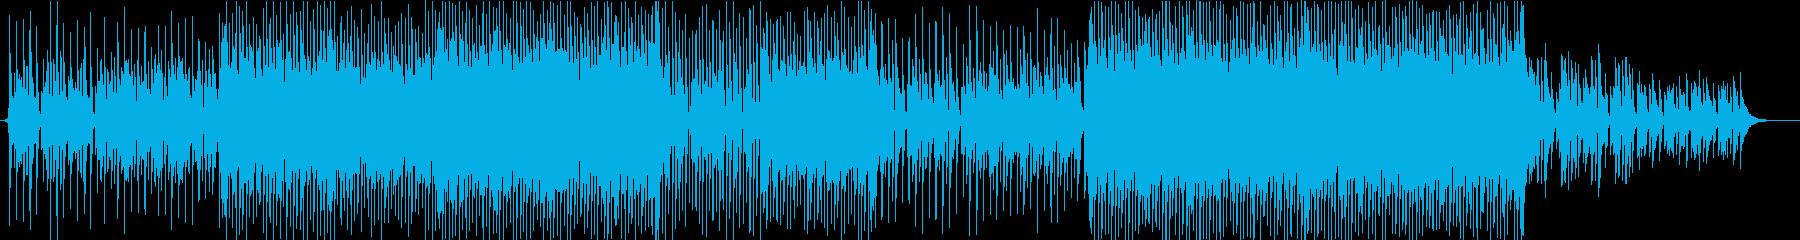 ほのぼの明るいポップなウクレレの再生済みの波形